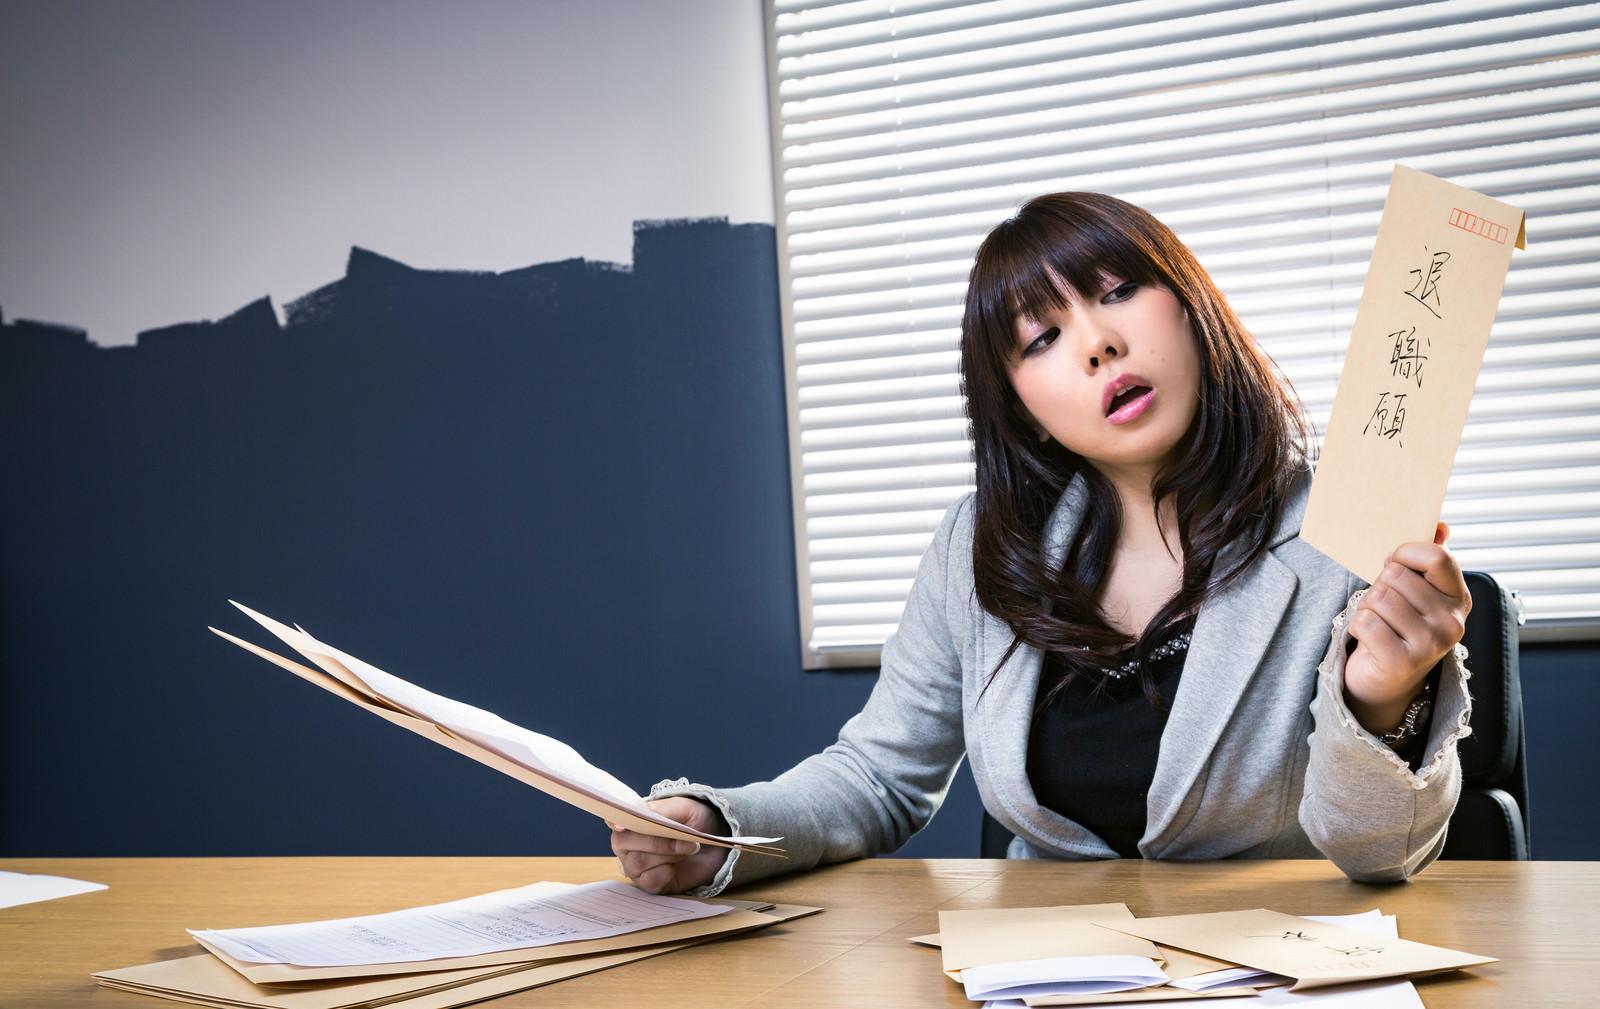 退職時は転職先を伝えるべき?報告方法・転職先未定の伝え方